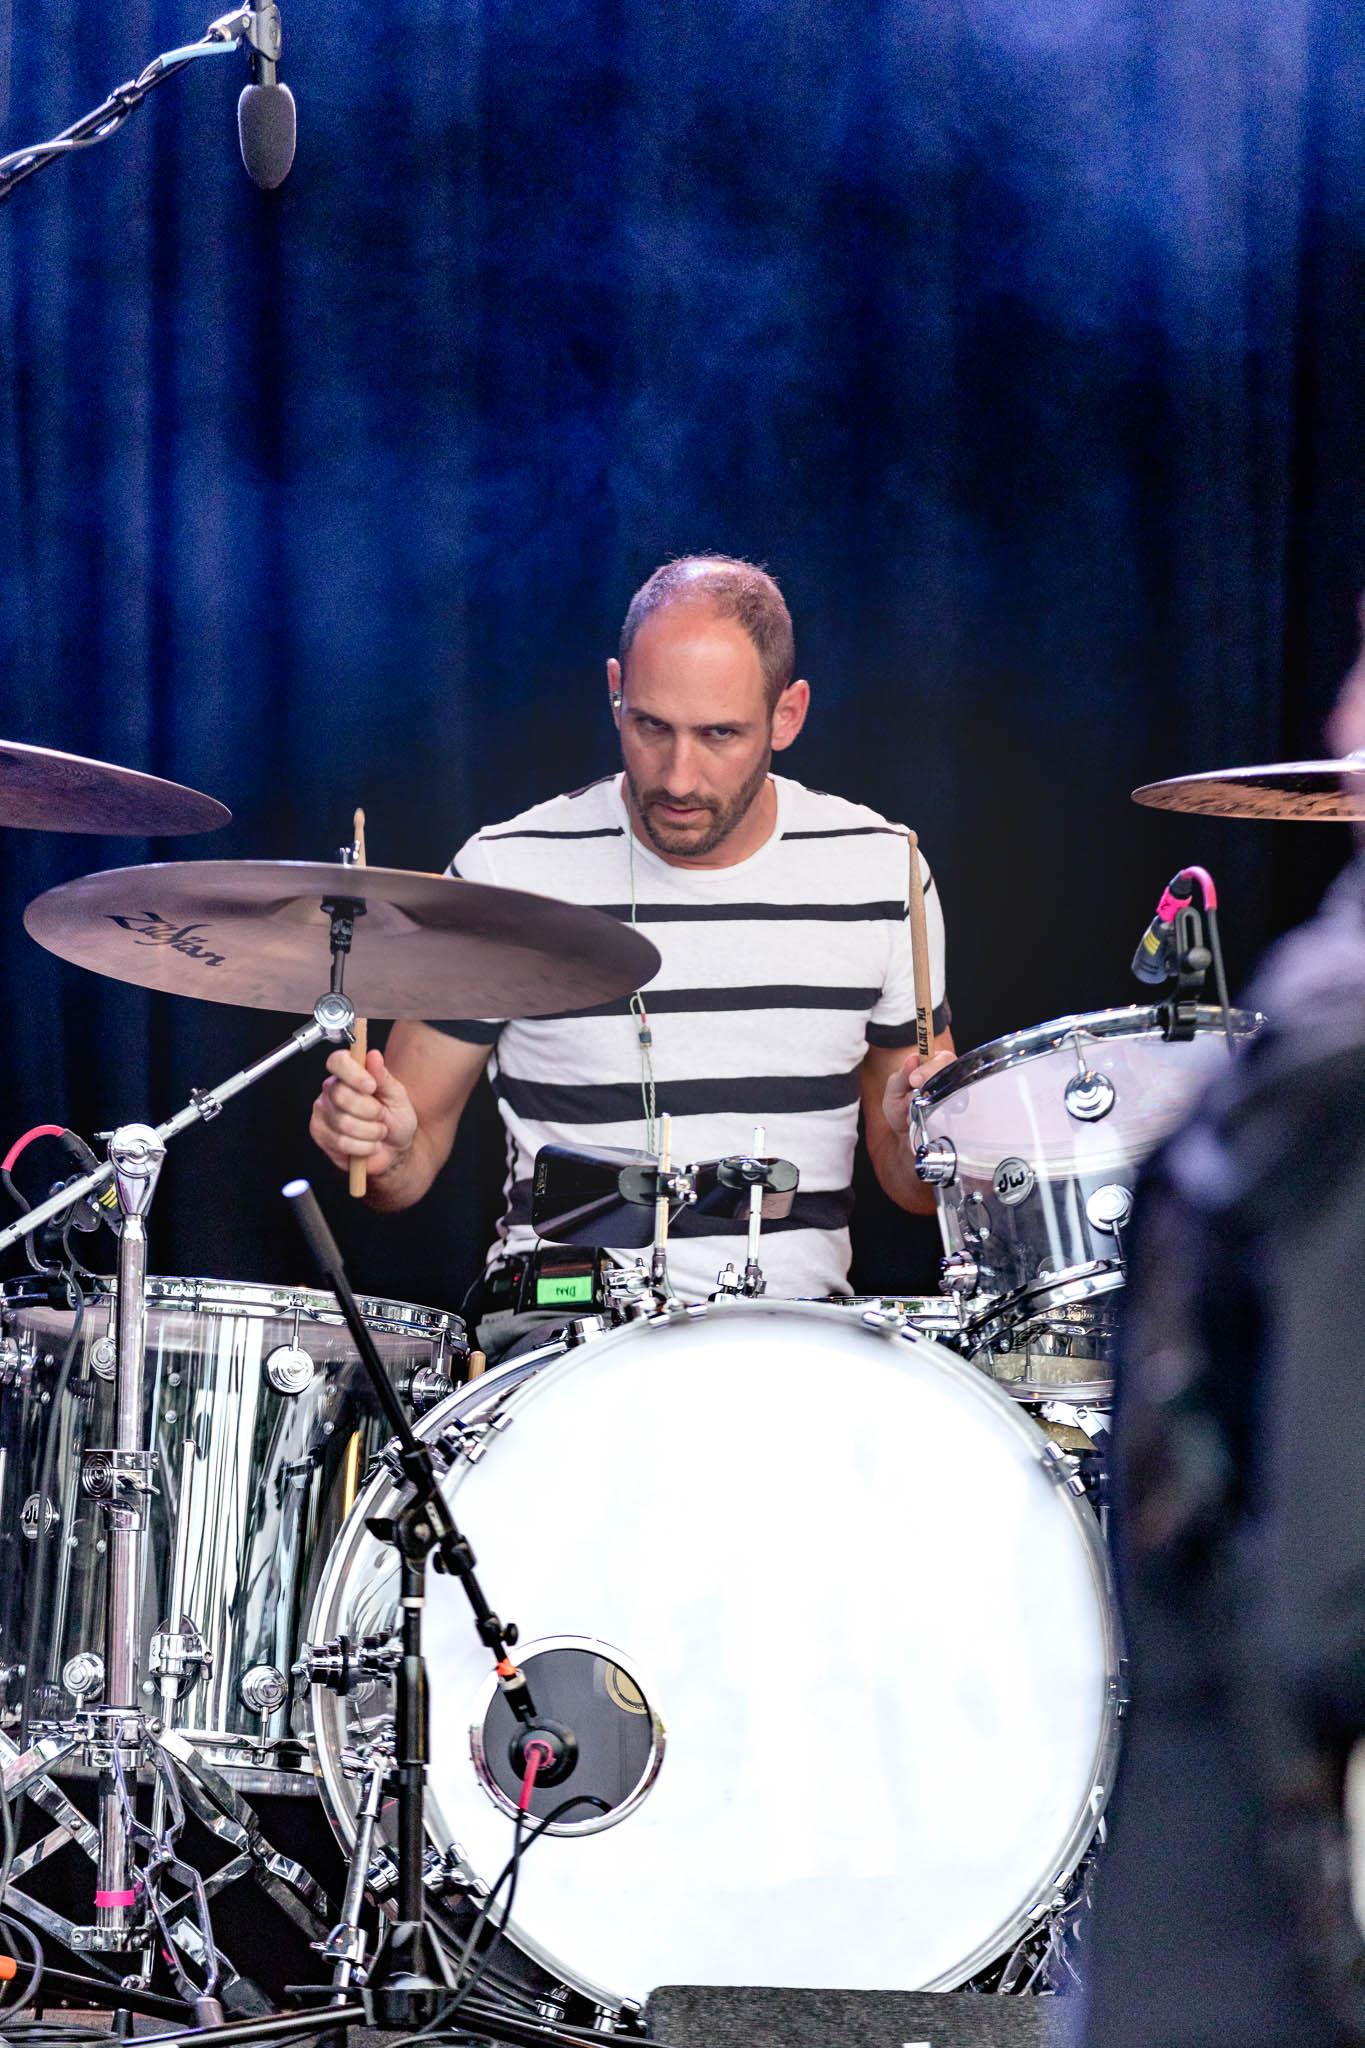 Dan Konopka, drummer for OK Go. Photo: Lmsorenson.net